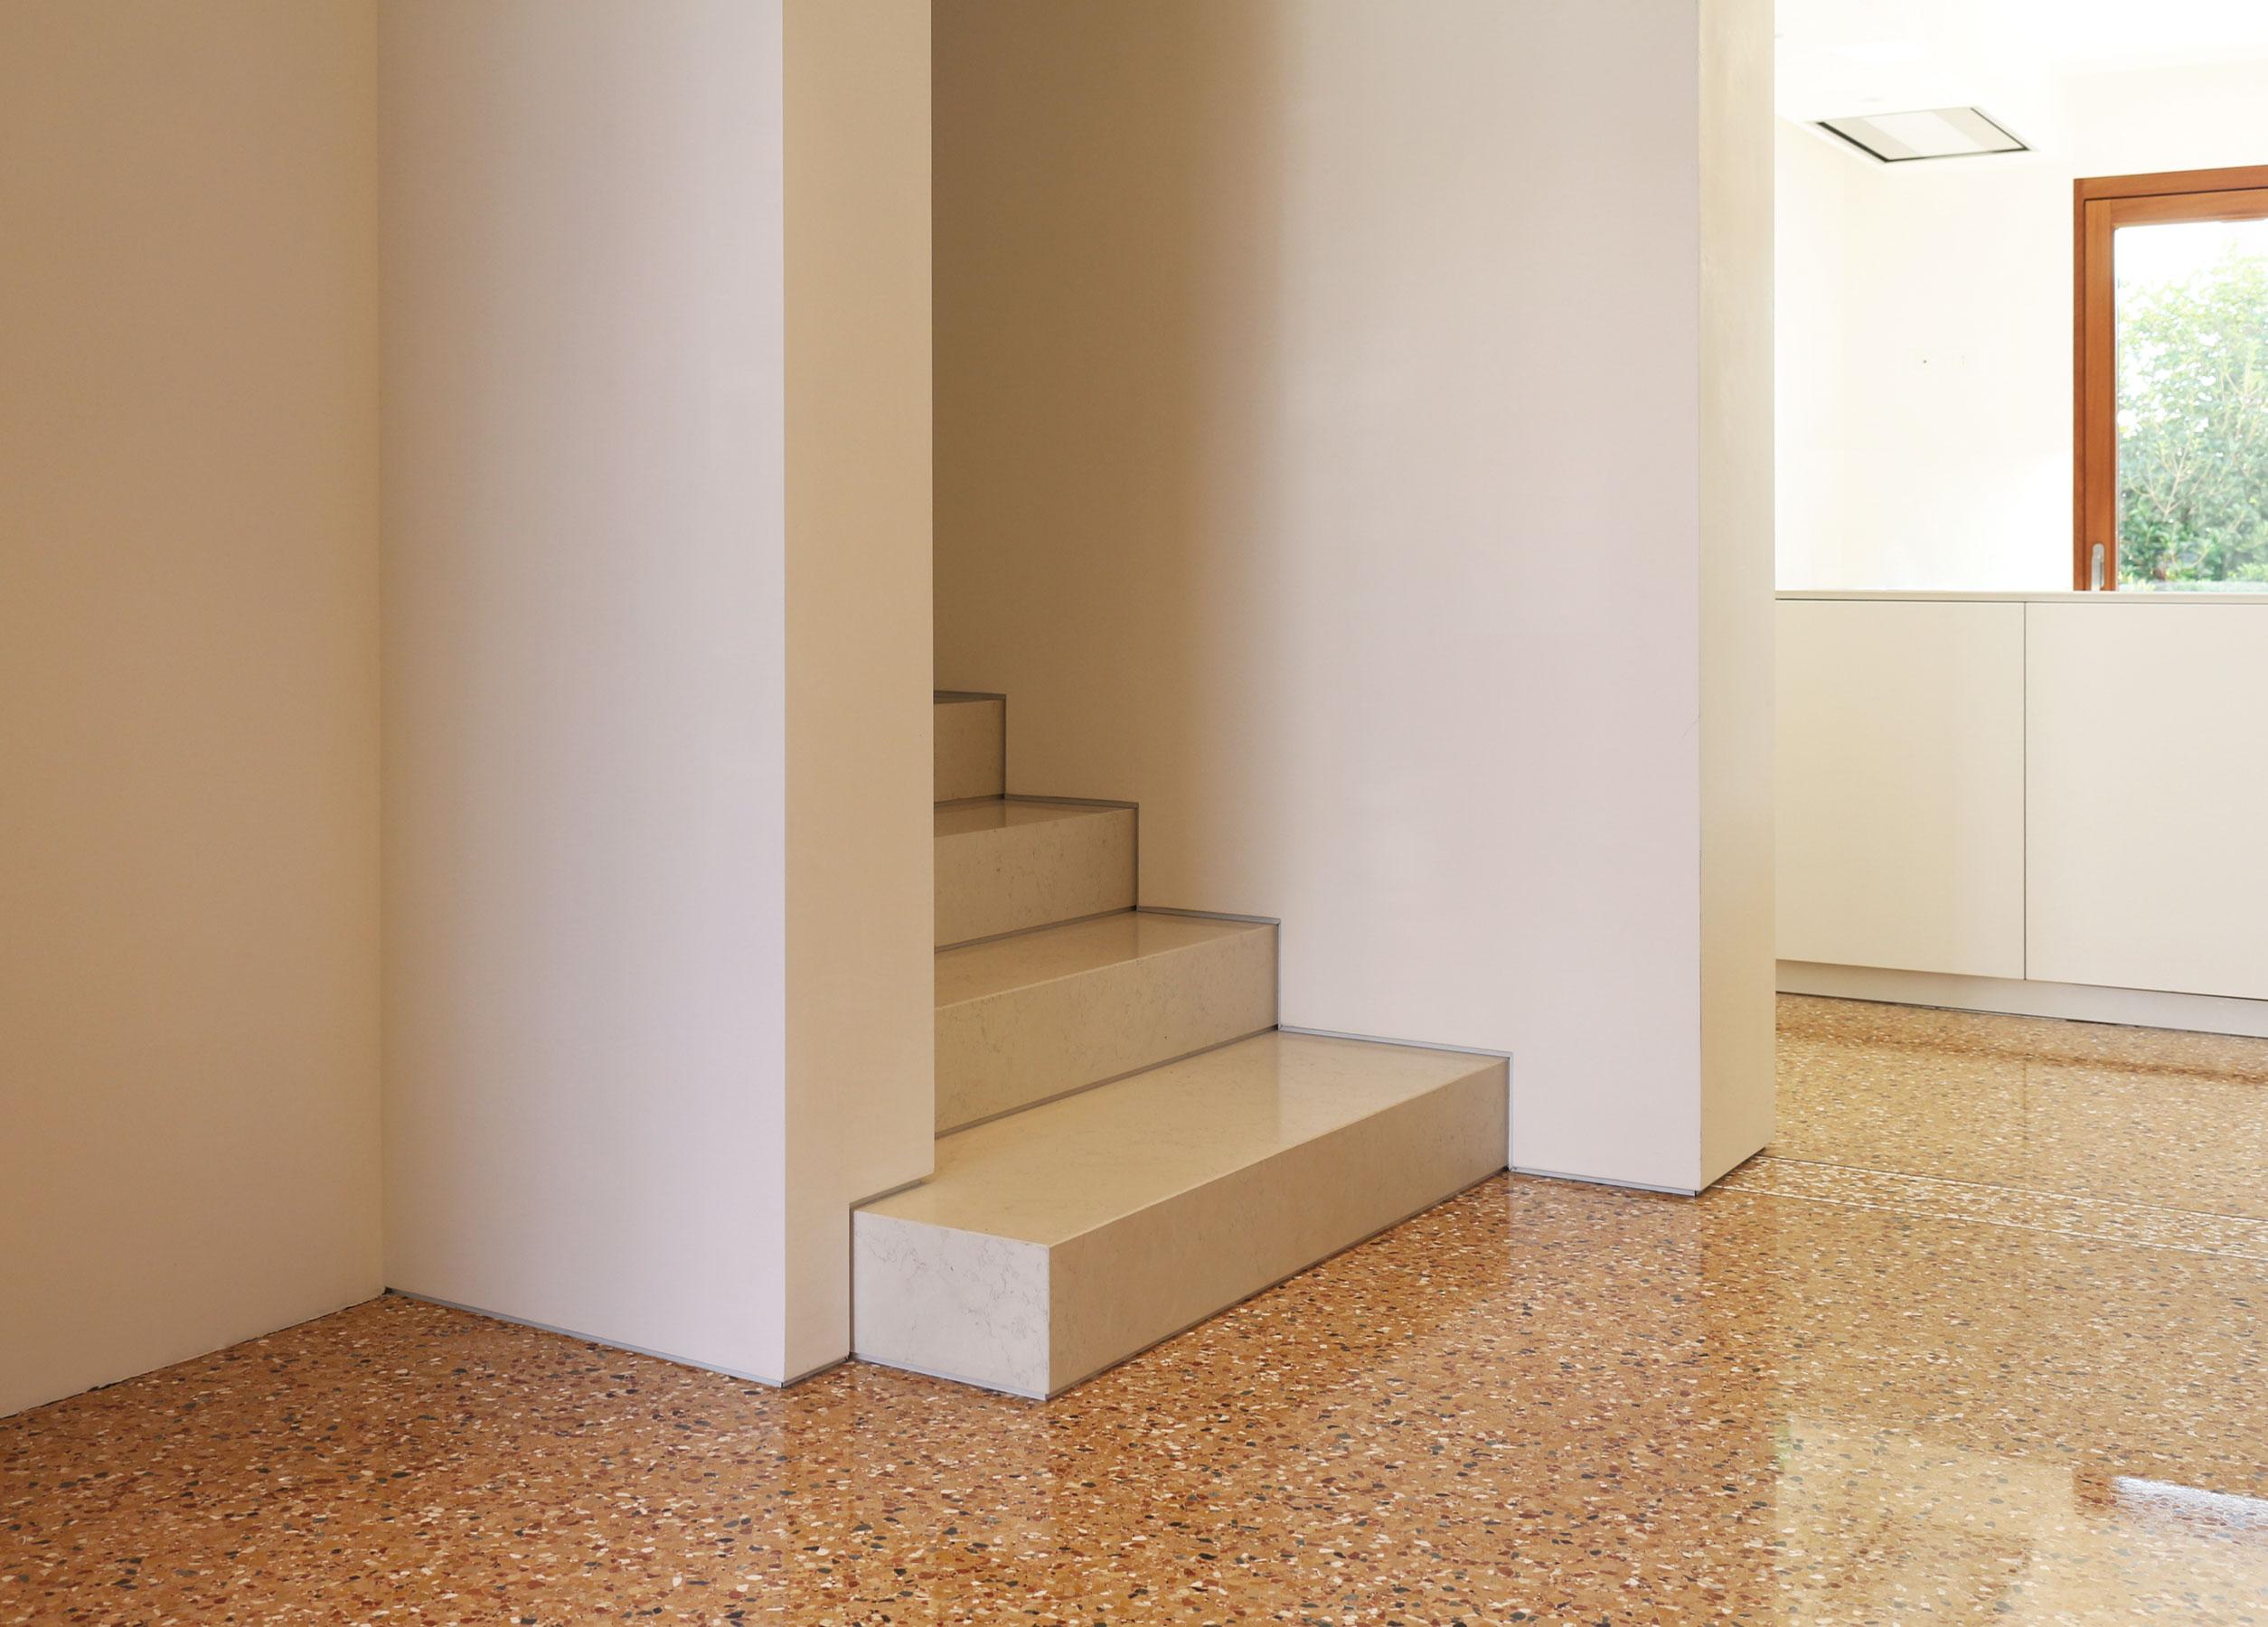 marco papa architetto architect architecture architettura interior design minimalism minimalismo